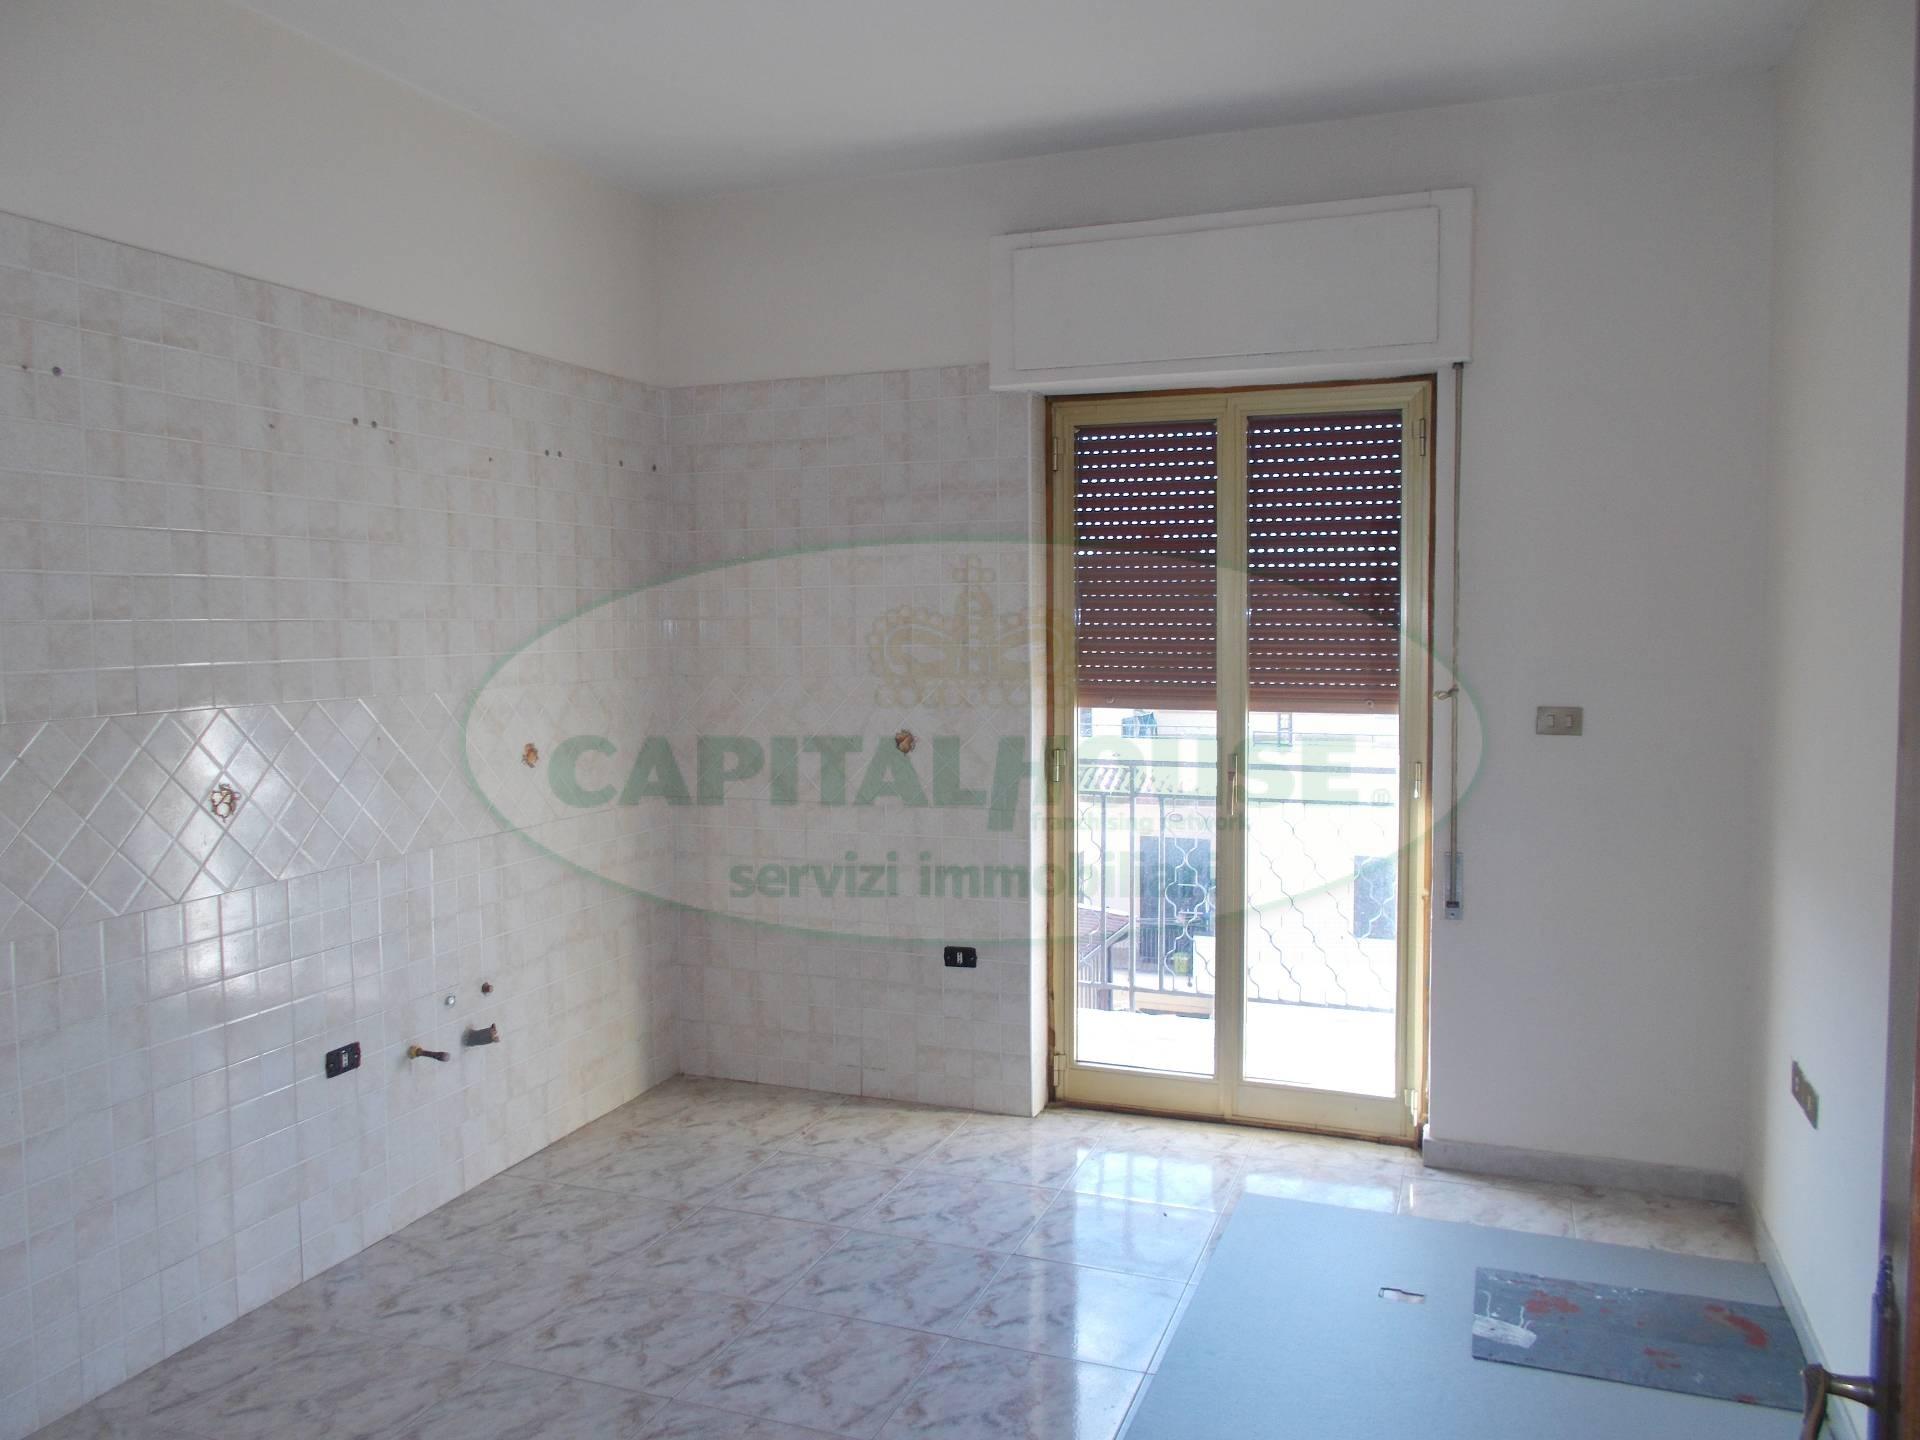 Appartamento in vendita a San Prisco, 3 locali, zona Località: ZonaCentrale, prezzo € 130.000 | CambioCasa.it